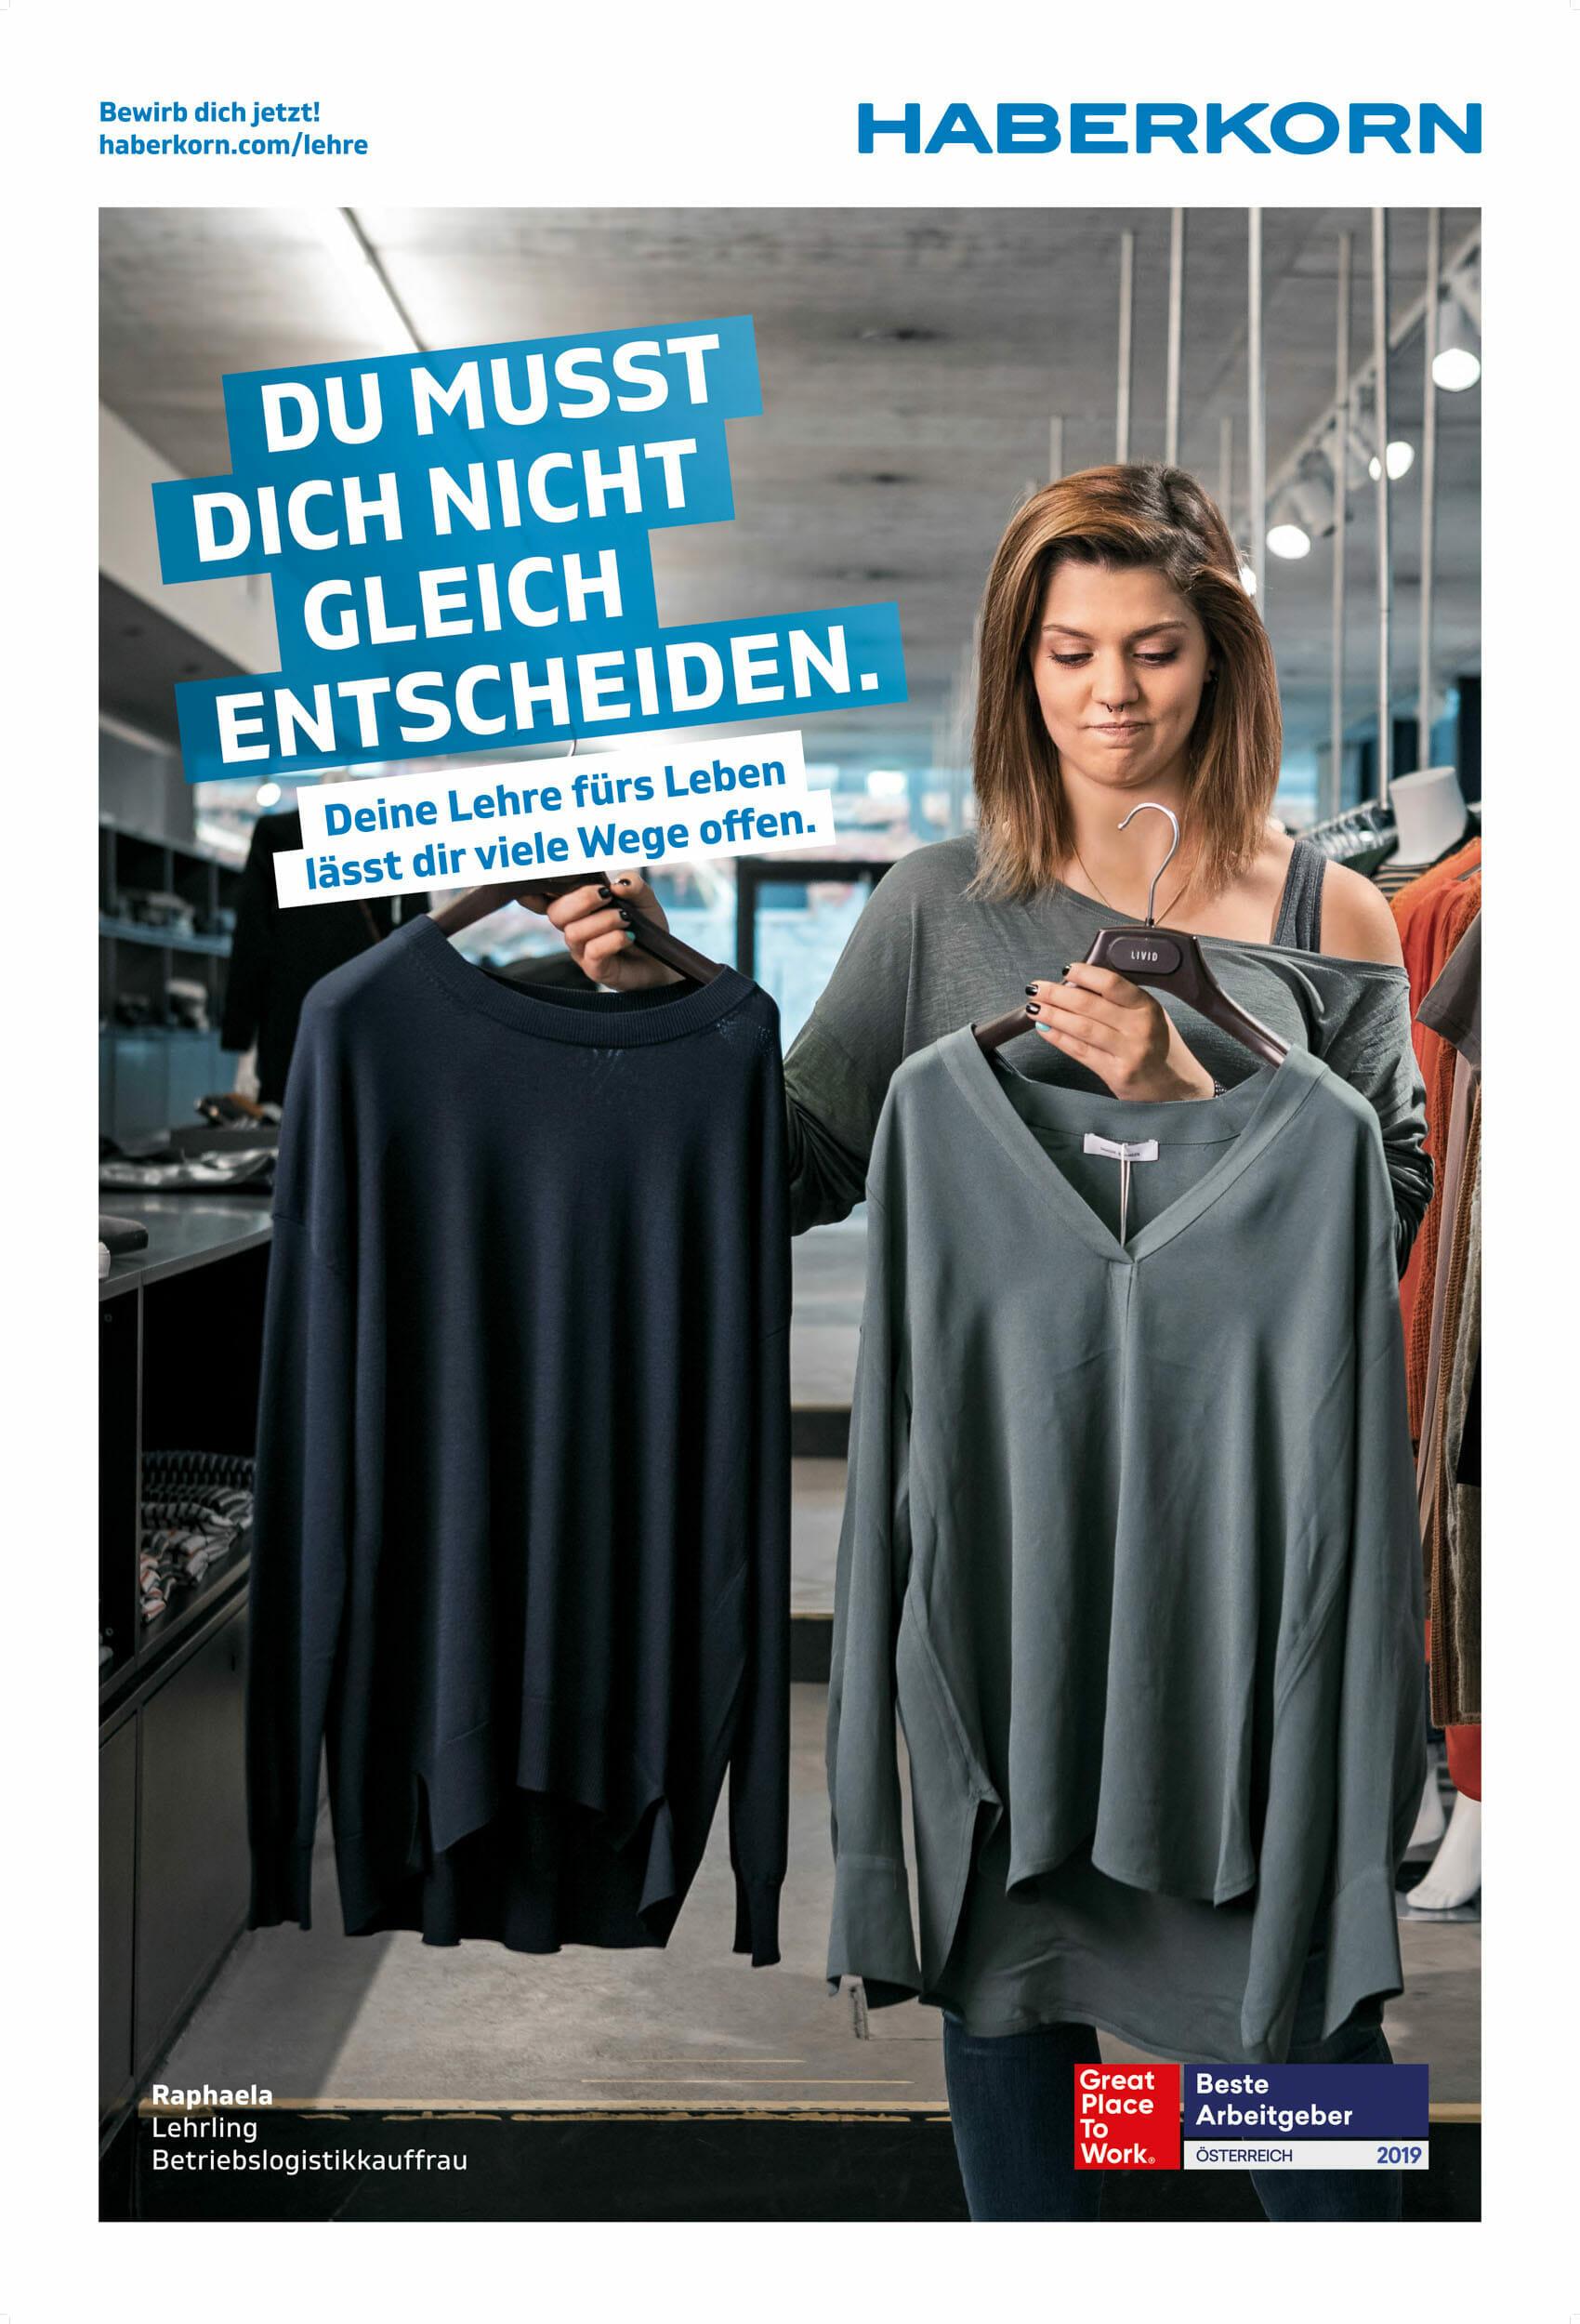 Lehrlingskampagne für Haberkorn Vorarlberg, Industriefotografie von Luca Fasching